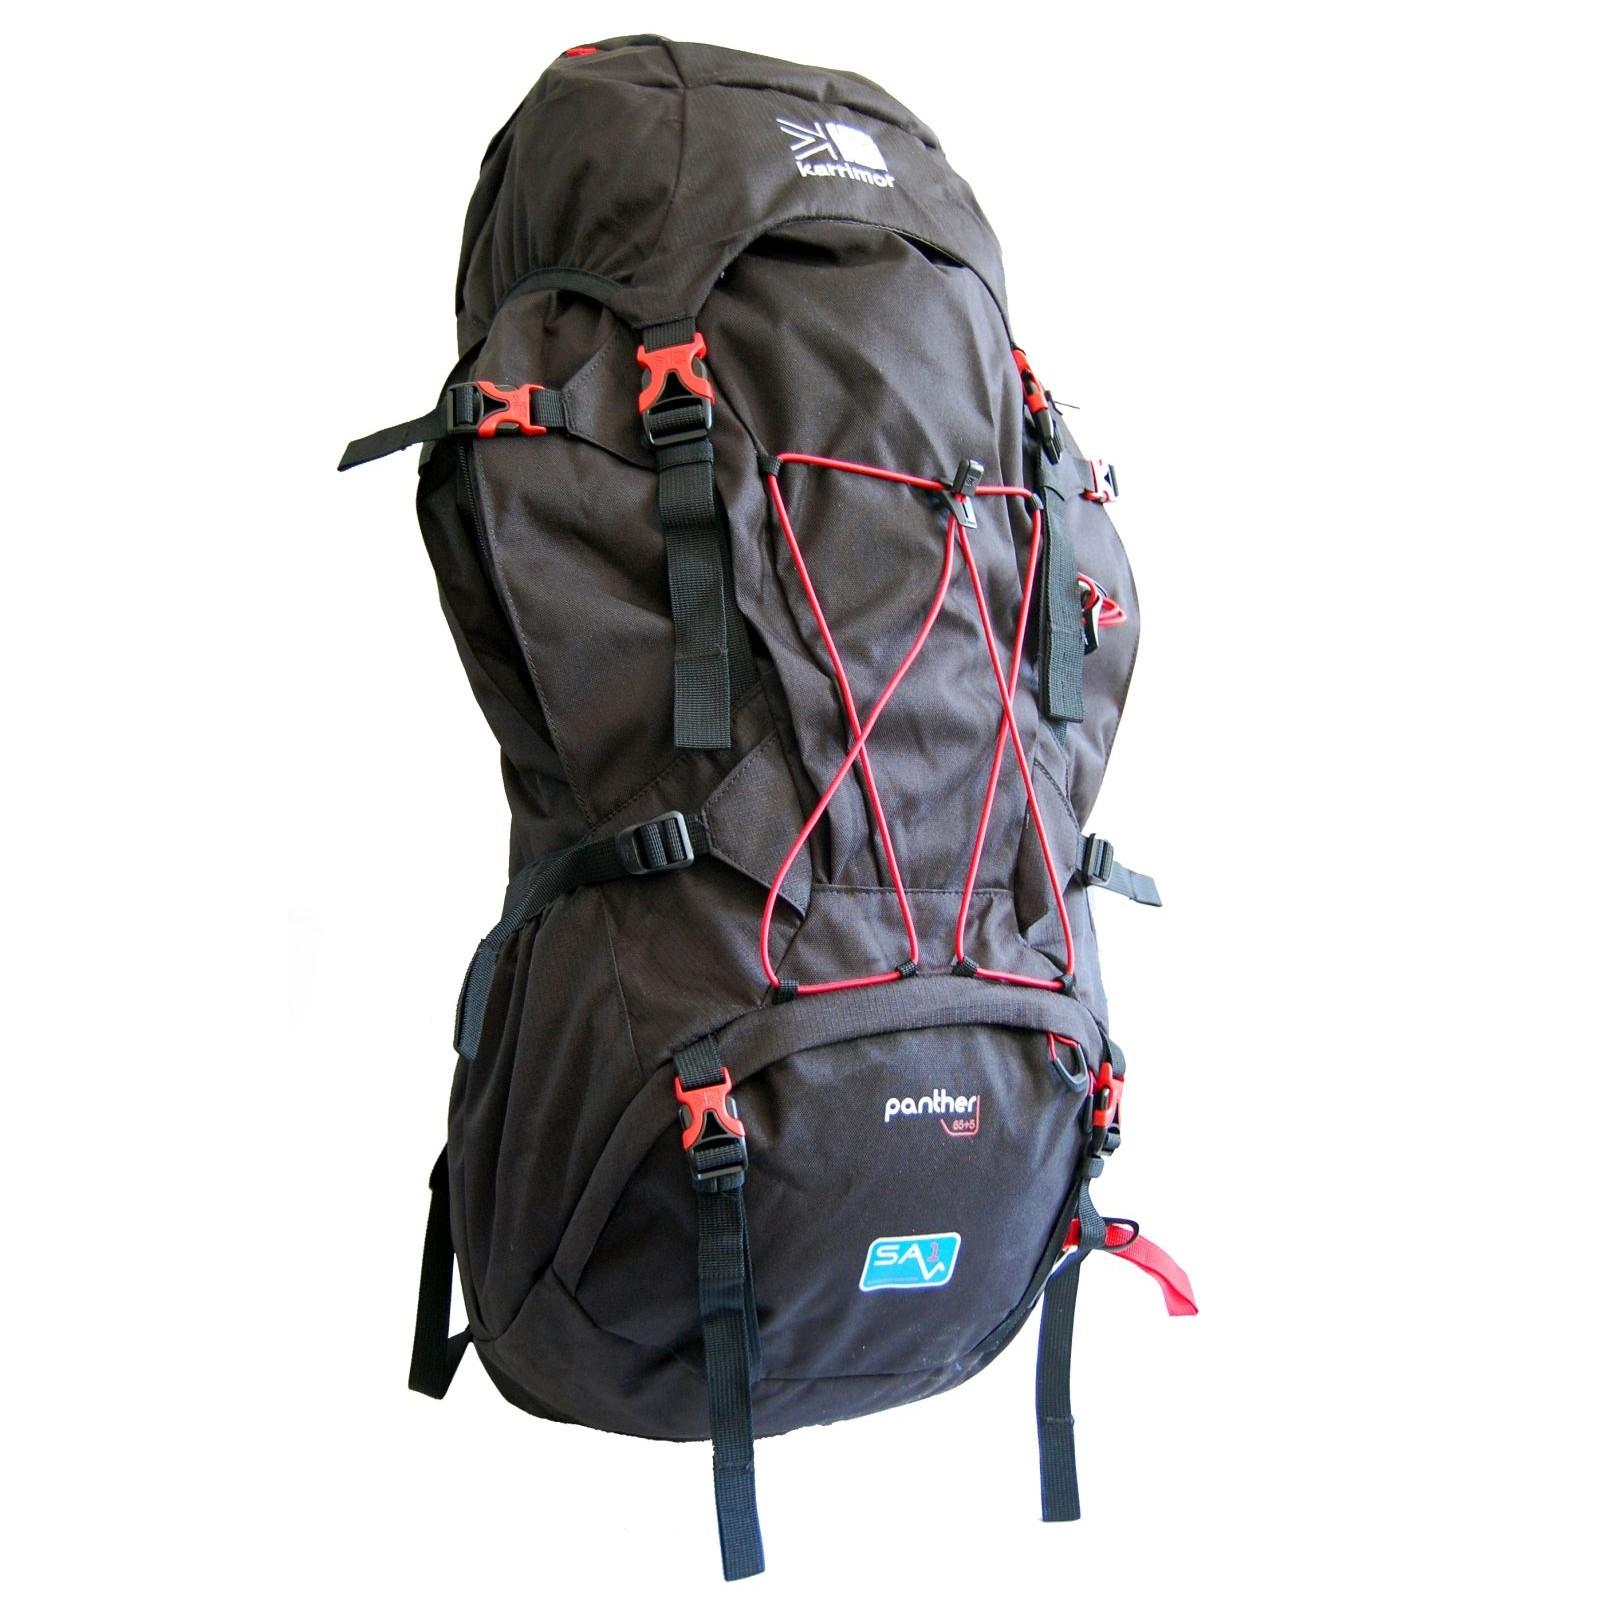 dd1d0f02a0b03 Plecak Karrimor Panther 65+5 - Paker - Tylko Sprawdzony Sprzęt ...